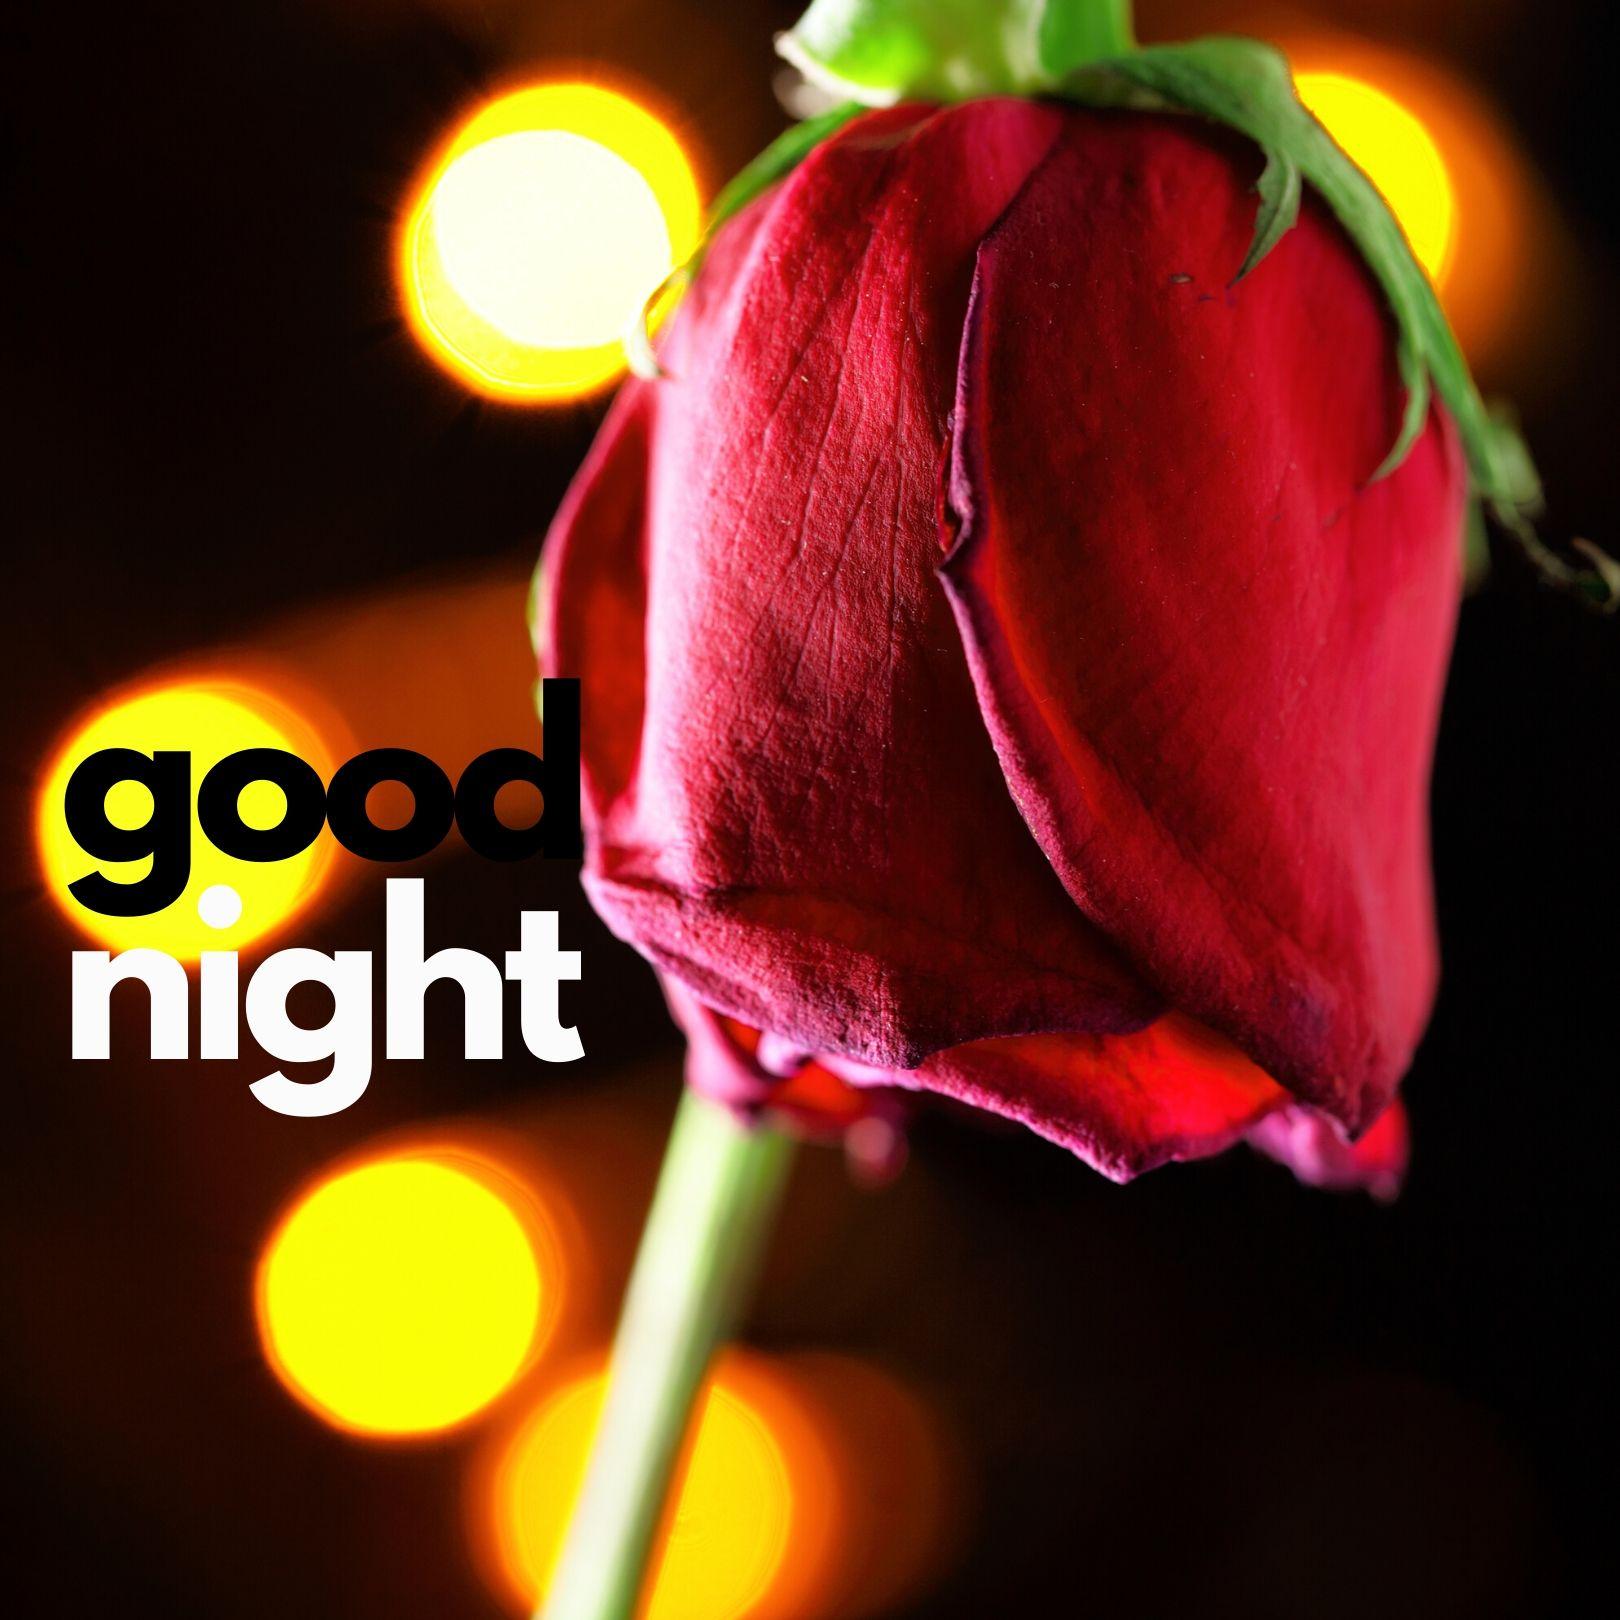 Good Night Rose image full HD free download.